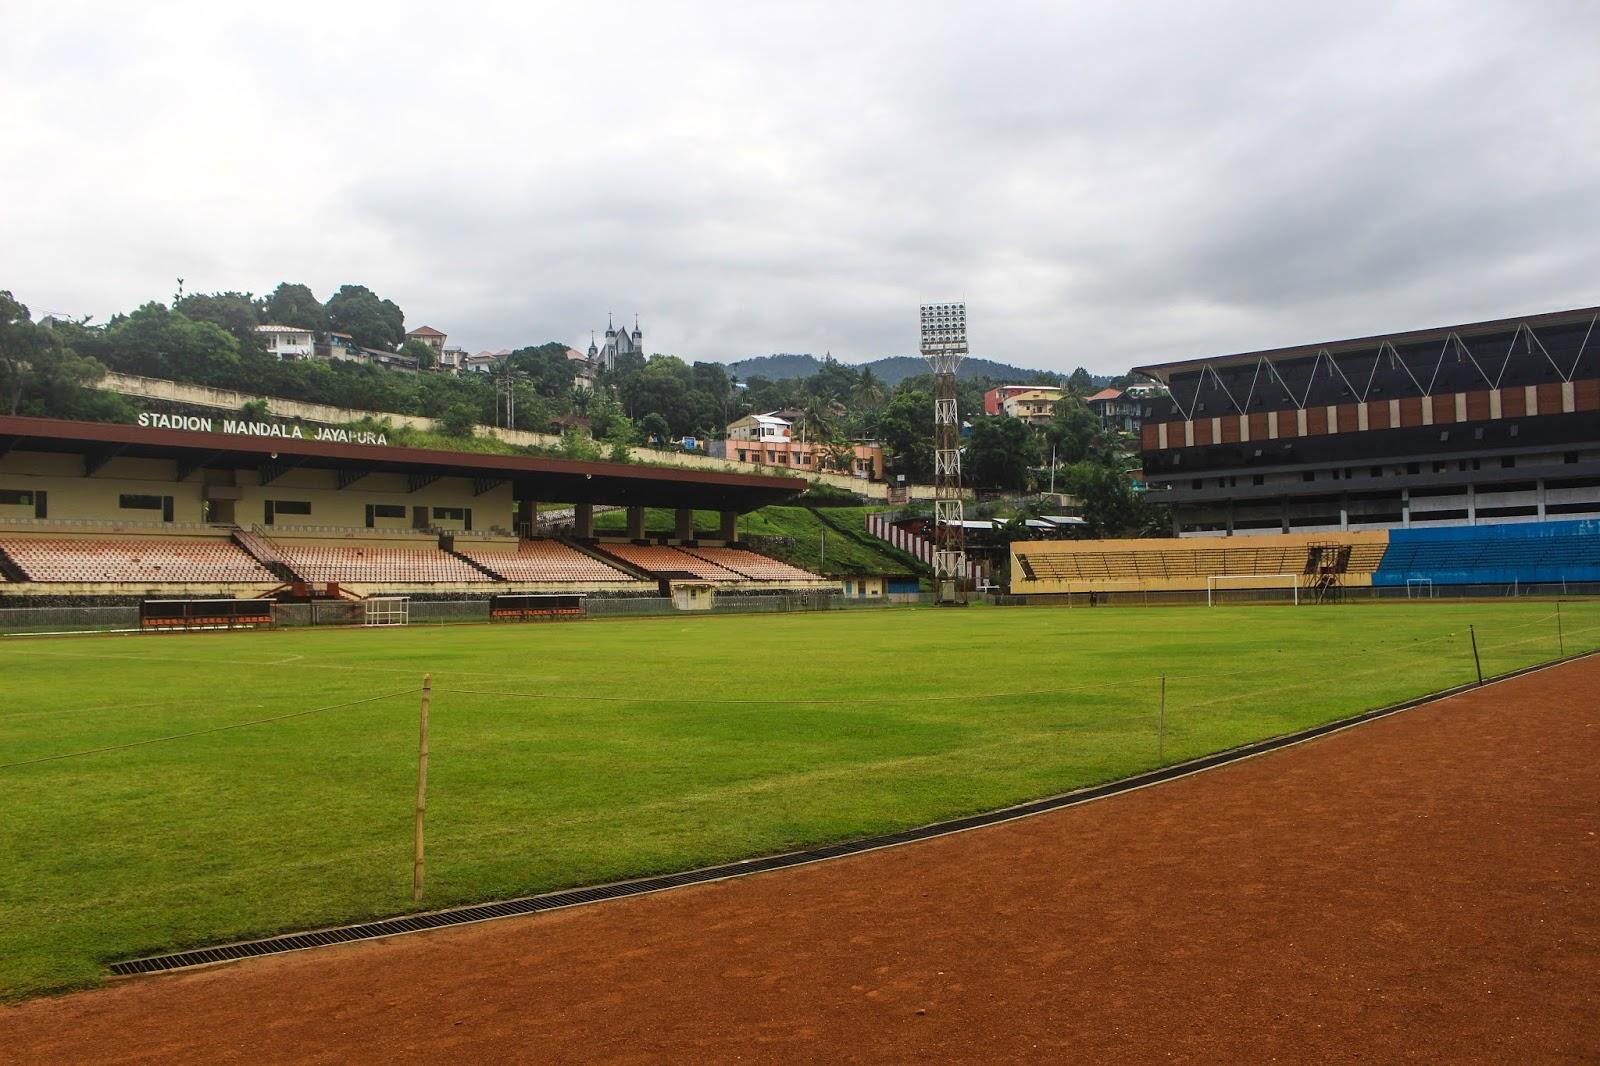 Stadion-Mandala-Jayapura.jpg